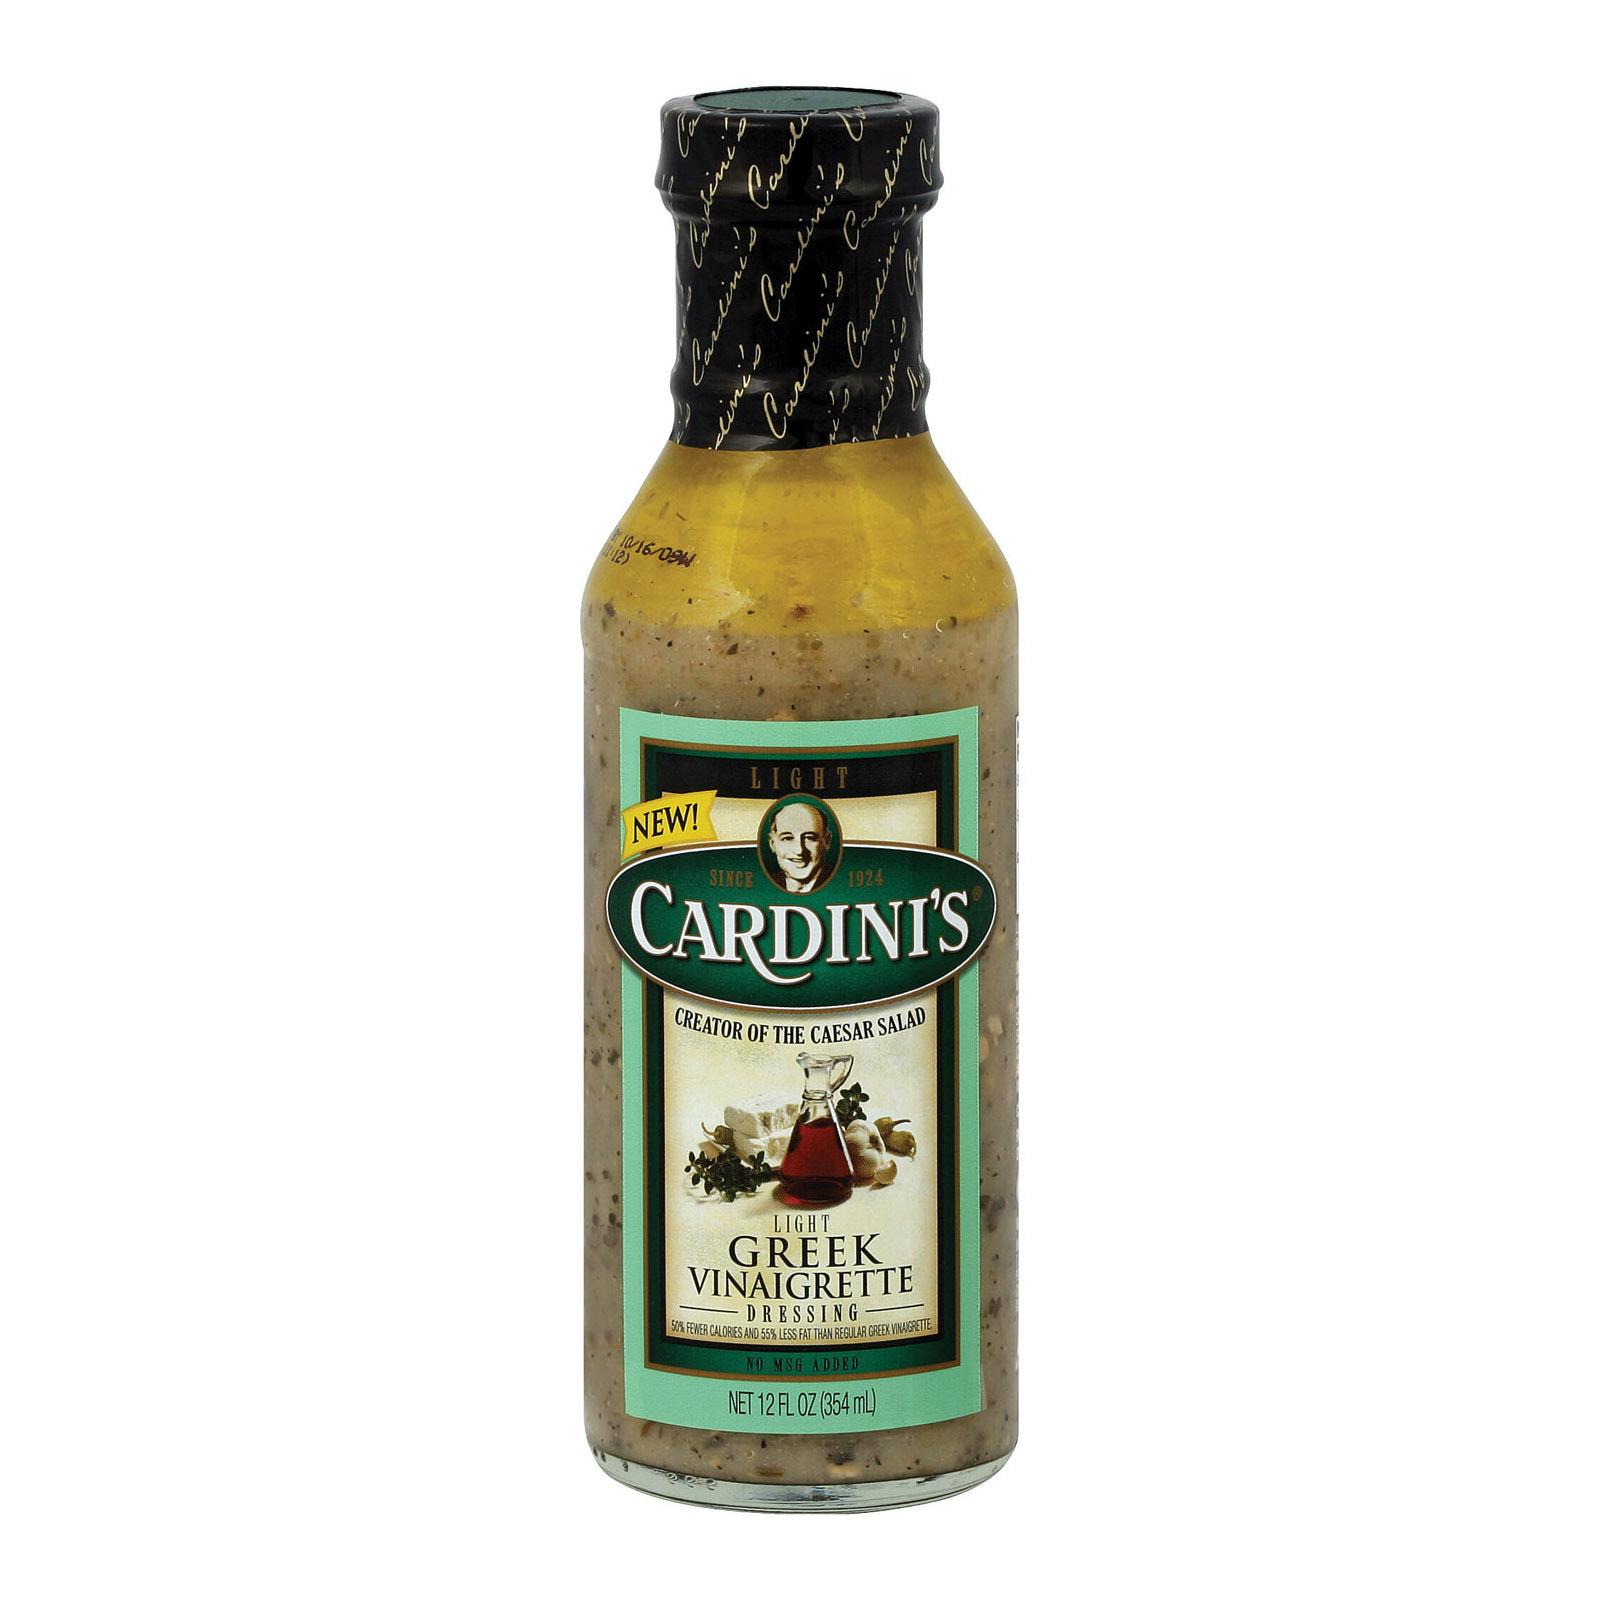 Cardini's Dressing - Light Greek Vinaigrette - Case of 6 - 12 fl oz